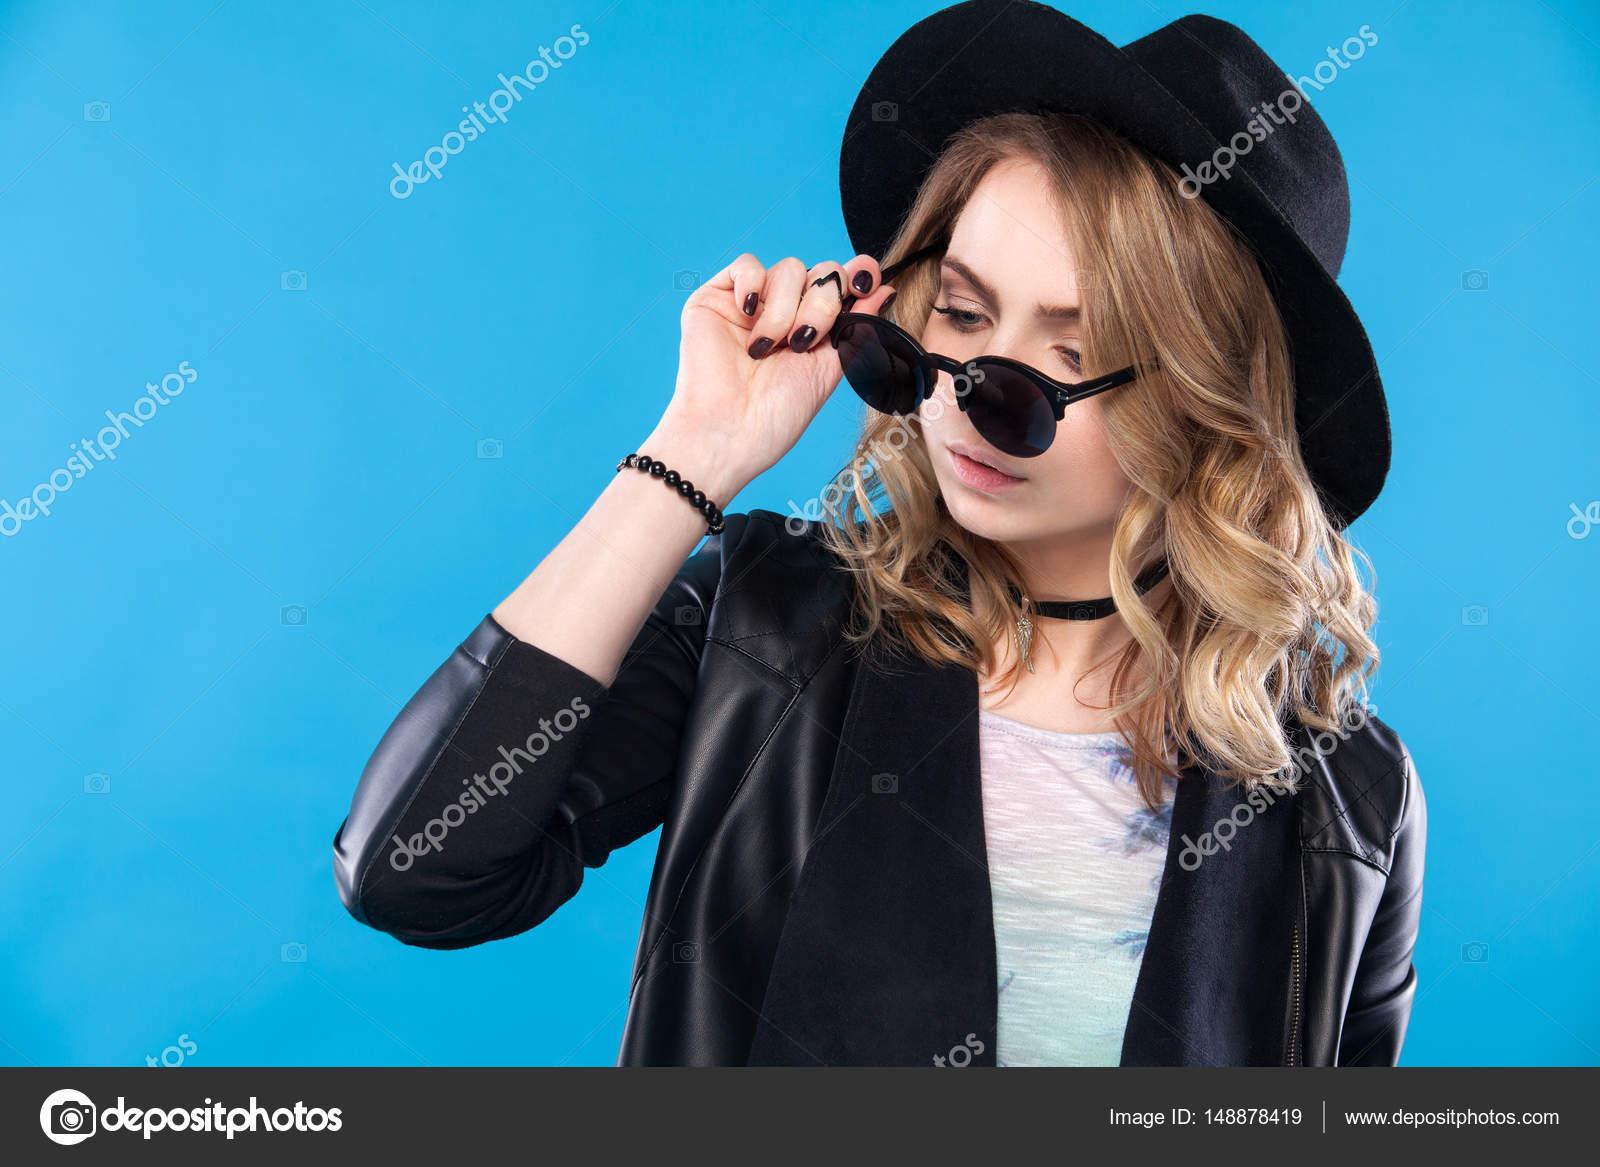 Mujer de moda hipster posando al aire libre en backgrund azul. Negro  sombrero 36c85a14206a